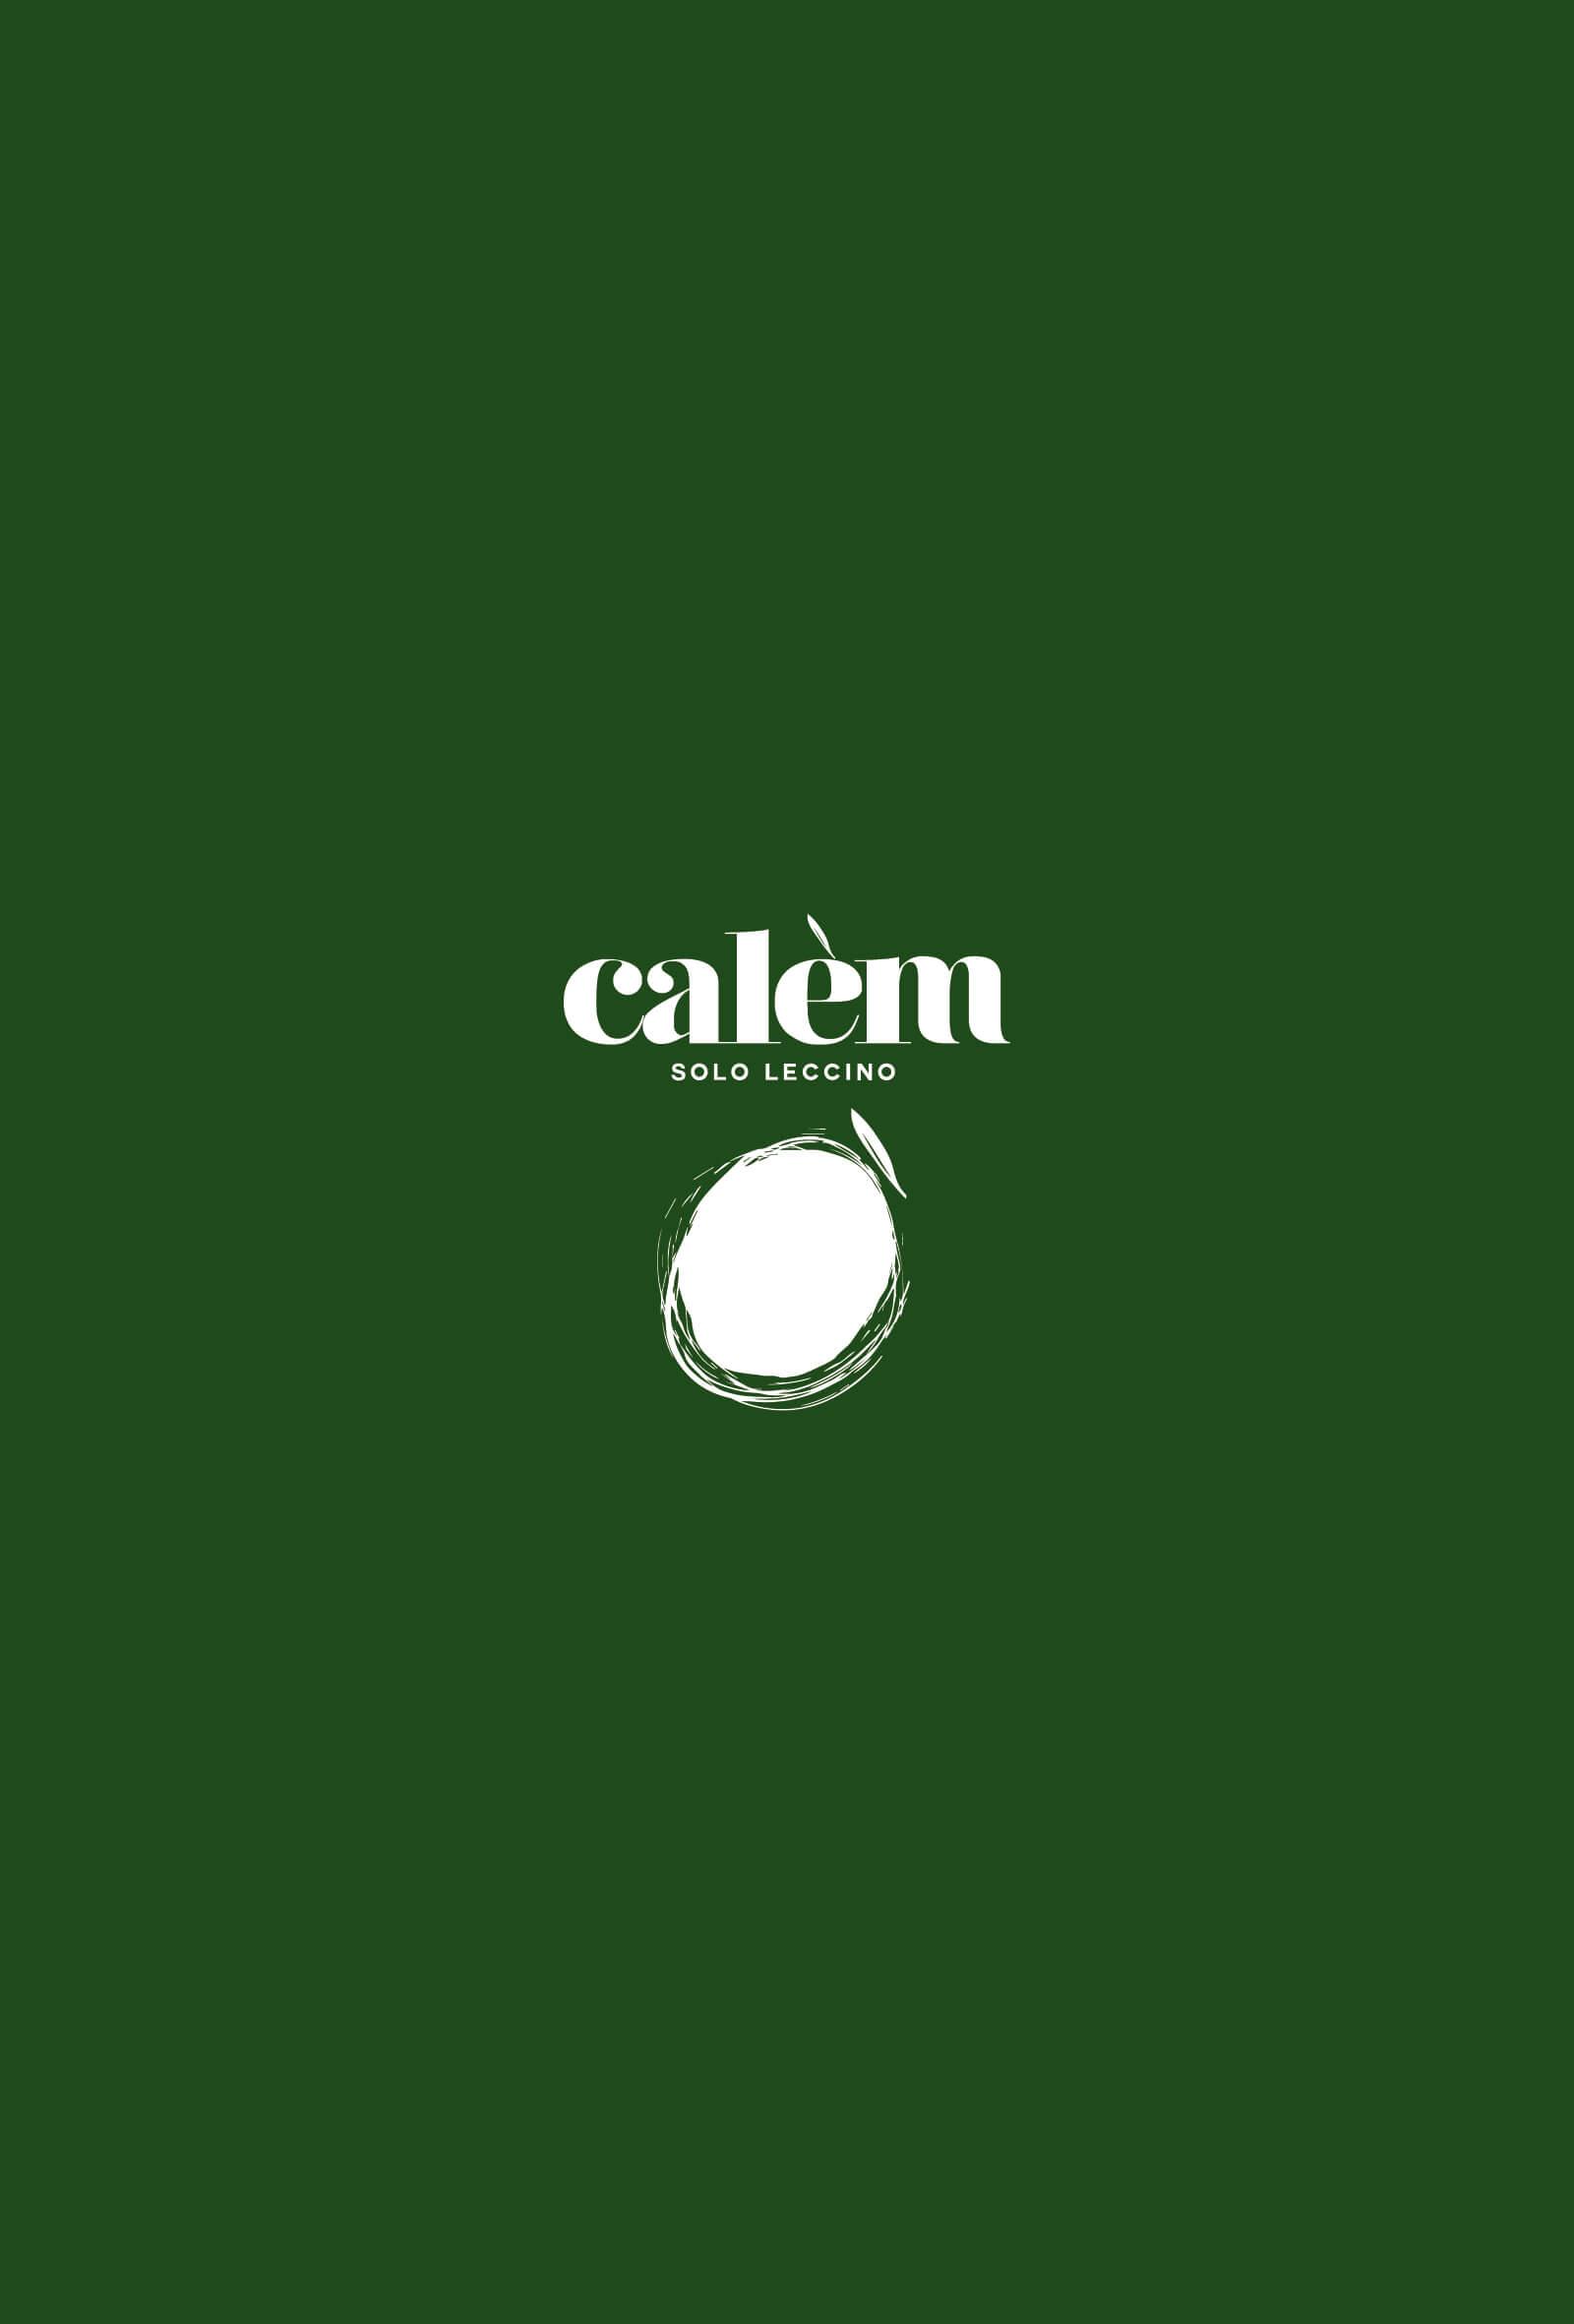 studio del marchio olio calem, progetto grafico diadestudio agenzia grafica arco trento